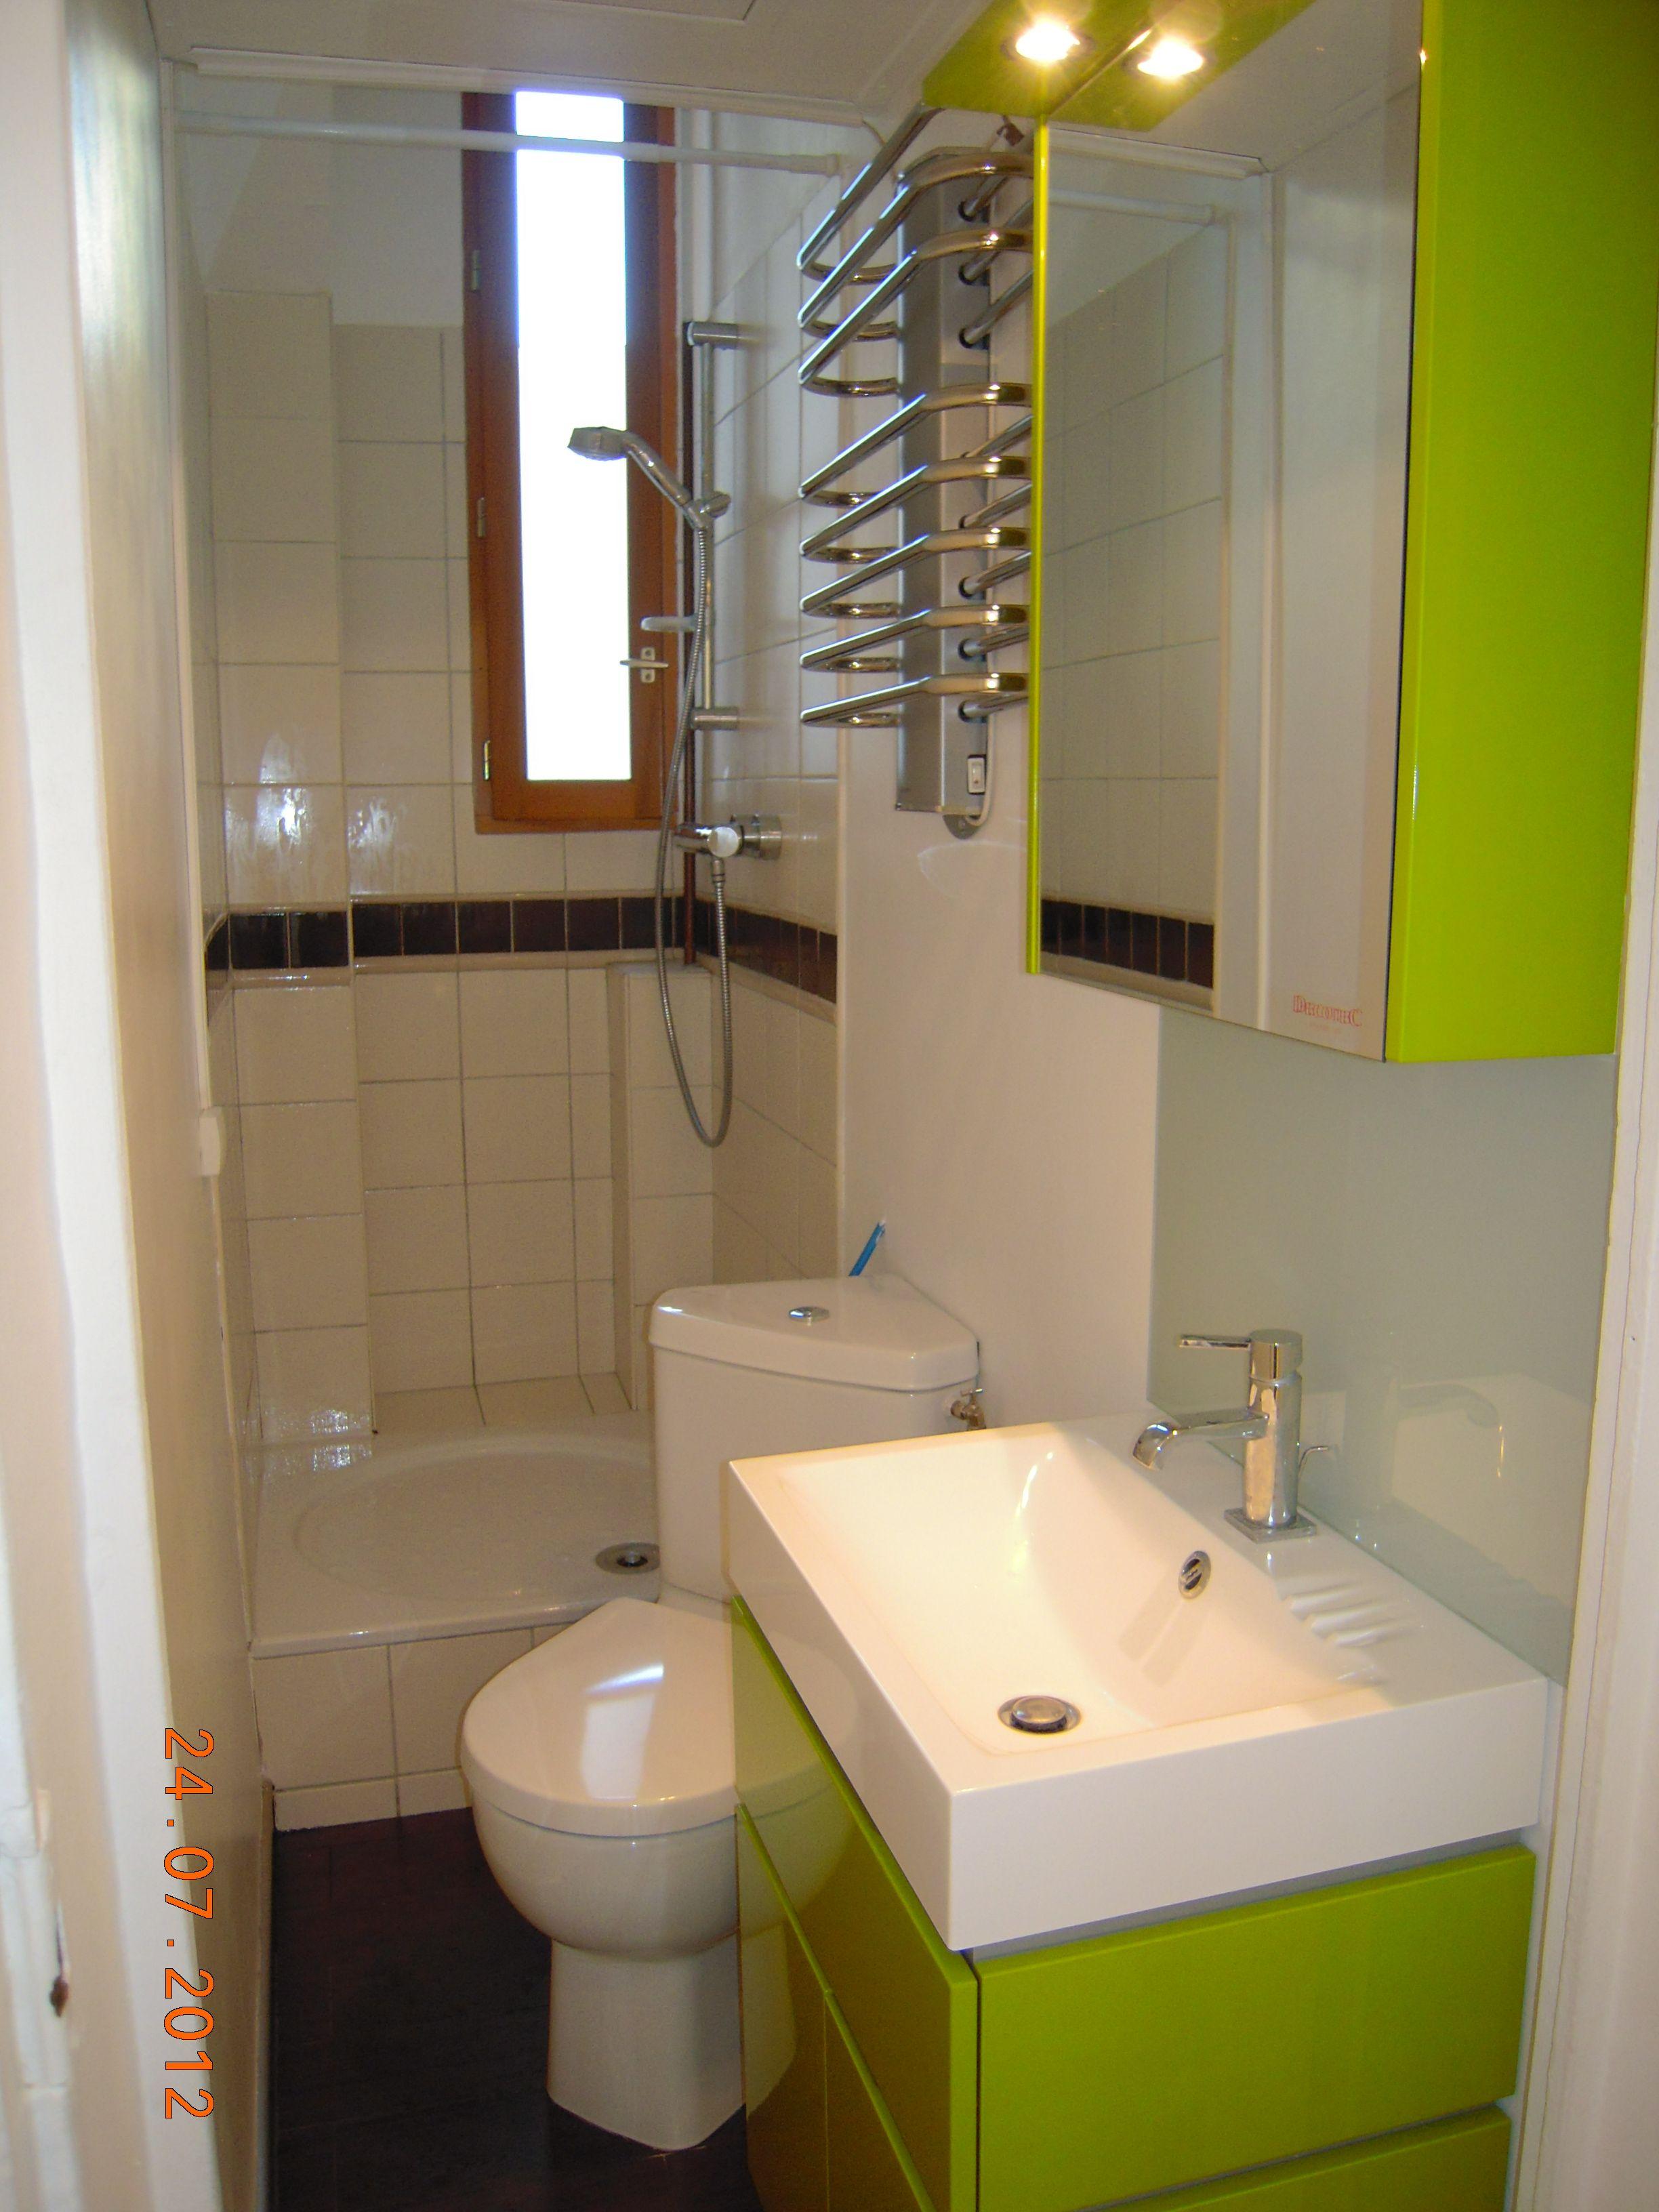 Petite minuscule salle de bain paris appart de reve for Salle de bain de reve